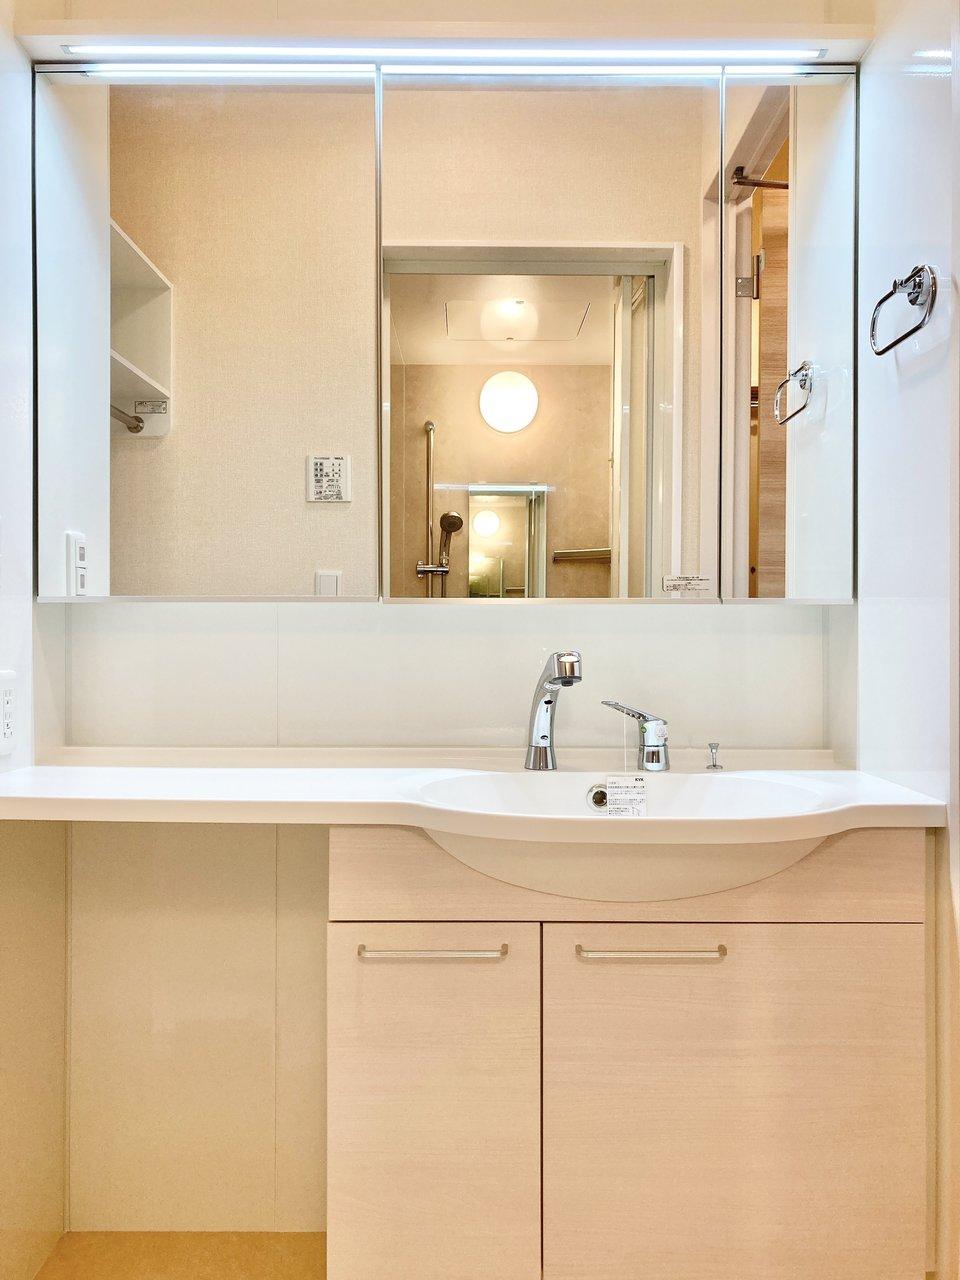 独立洗面台もかなり広々!左側のスペースだけでなく、鏡の裏にも収納できる箇所がついていましたよ。水回り、すっきりと魅せて使いこなしましょう。